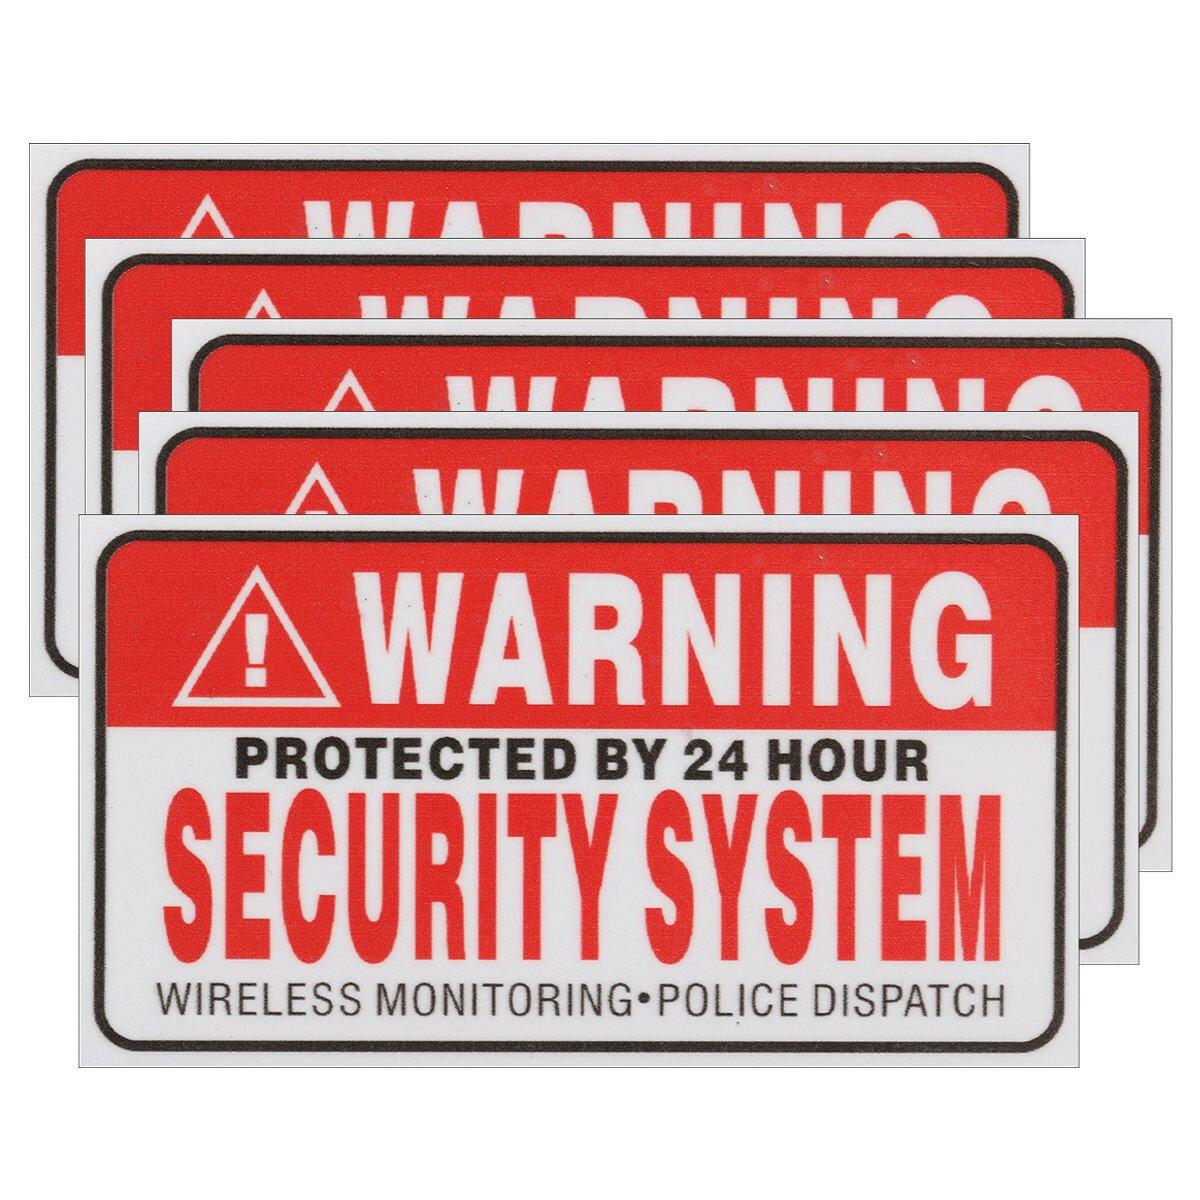 5 Cái Camera tự sướng cực mạnh Camera CCTV Dấu hiệu an toàn Decal Được bảo vệ bởi hệ thống an ninh 24 giờ